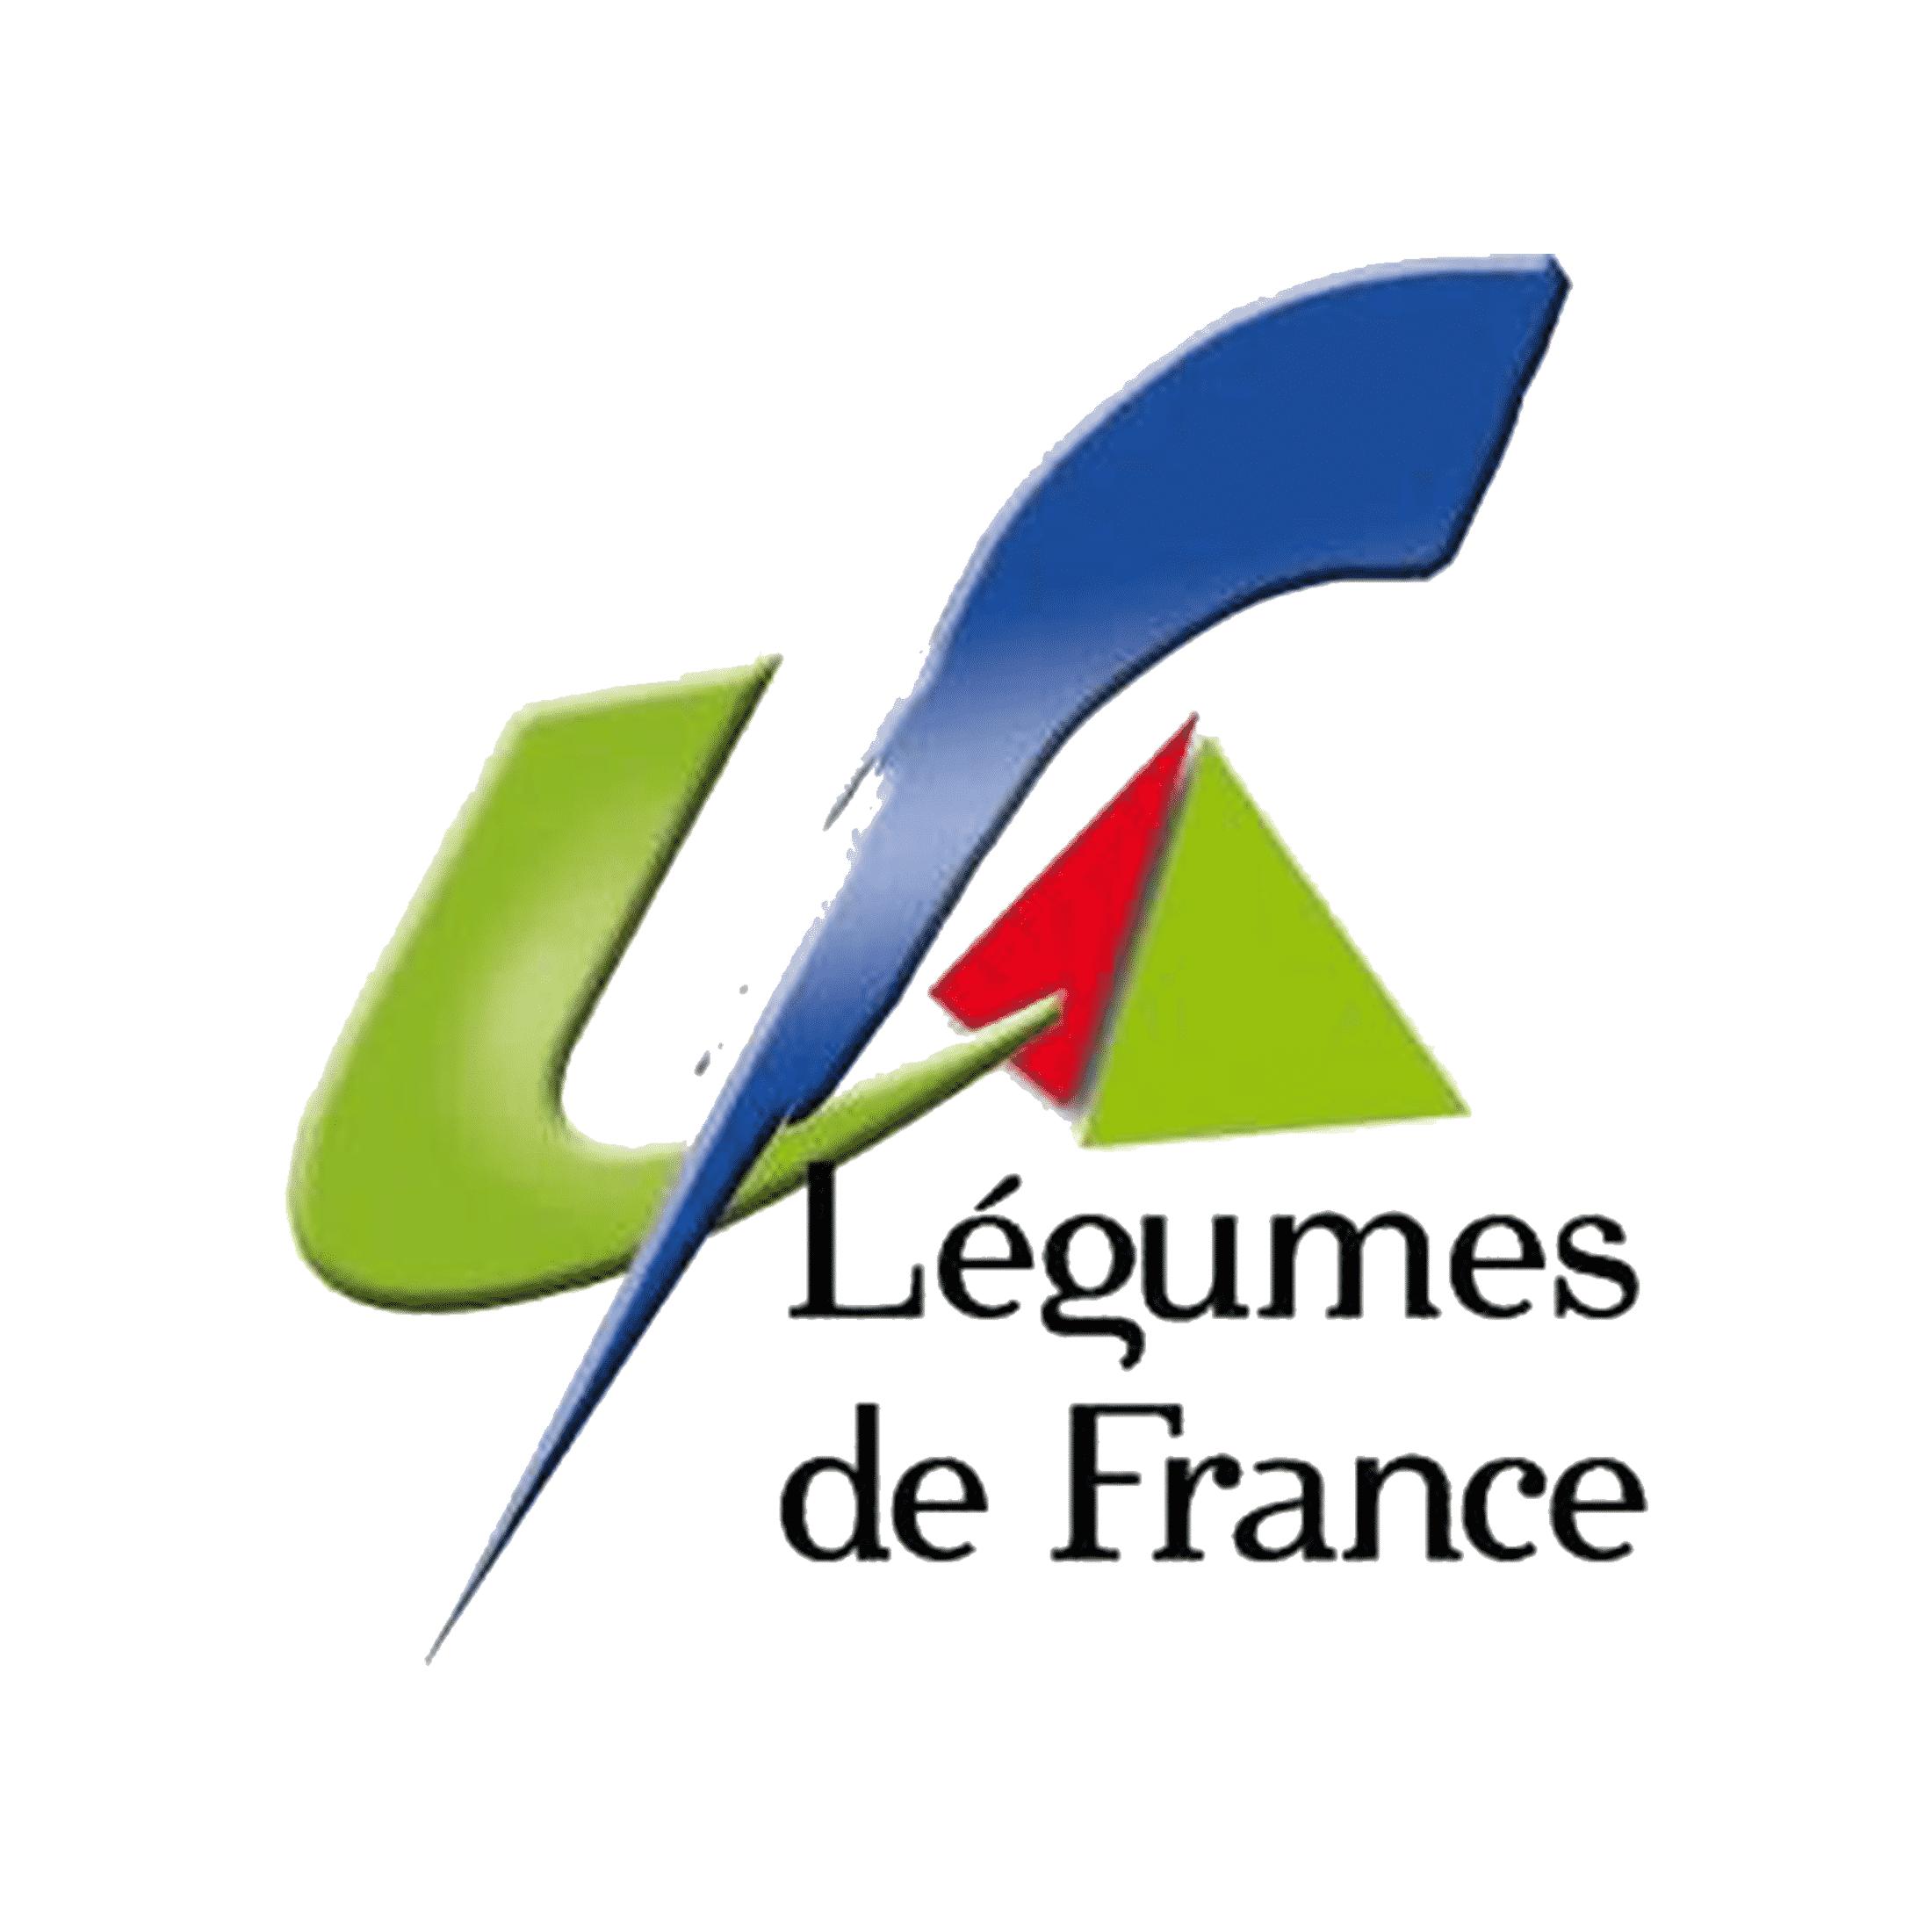 LEGUMES DE FRANCE